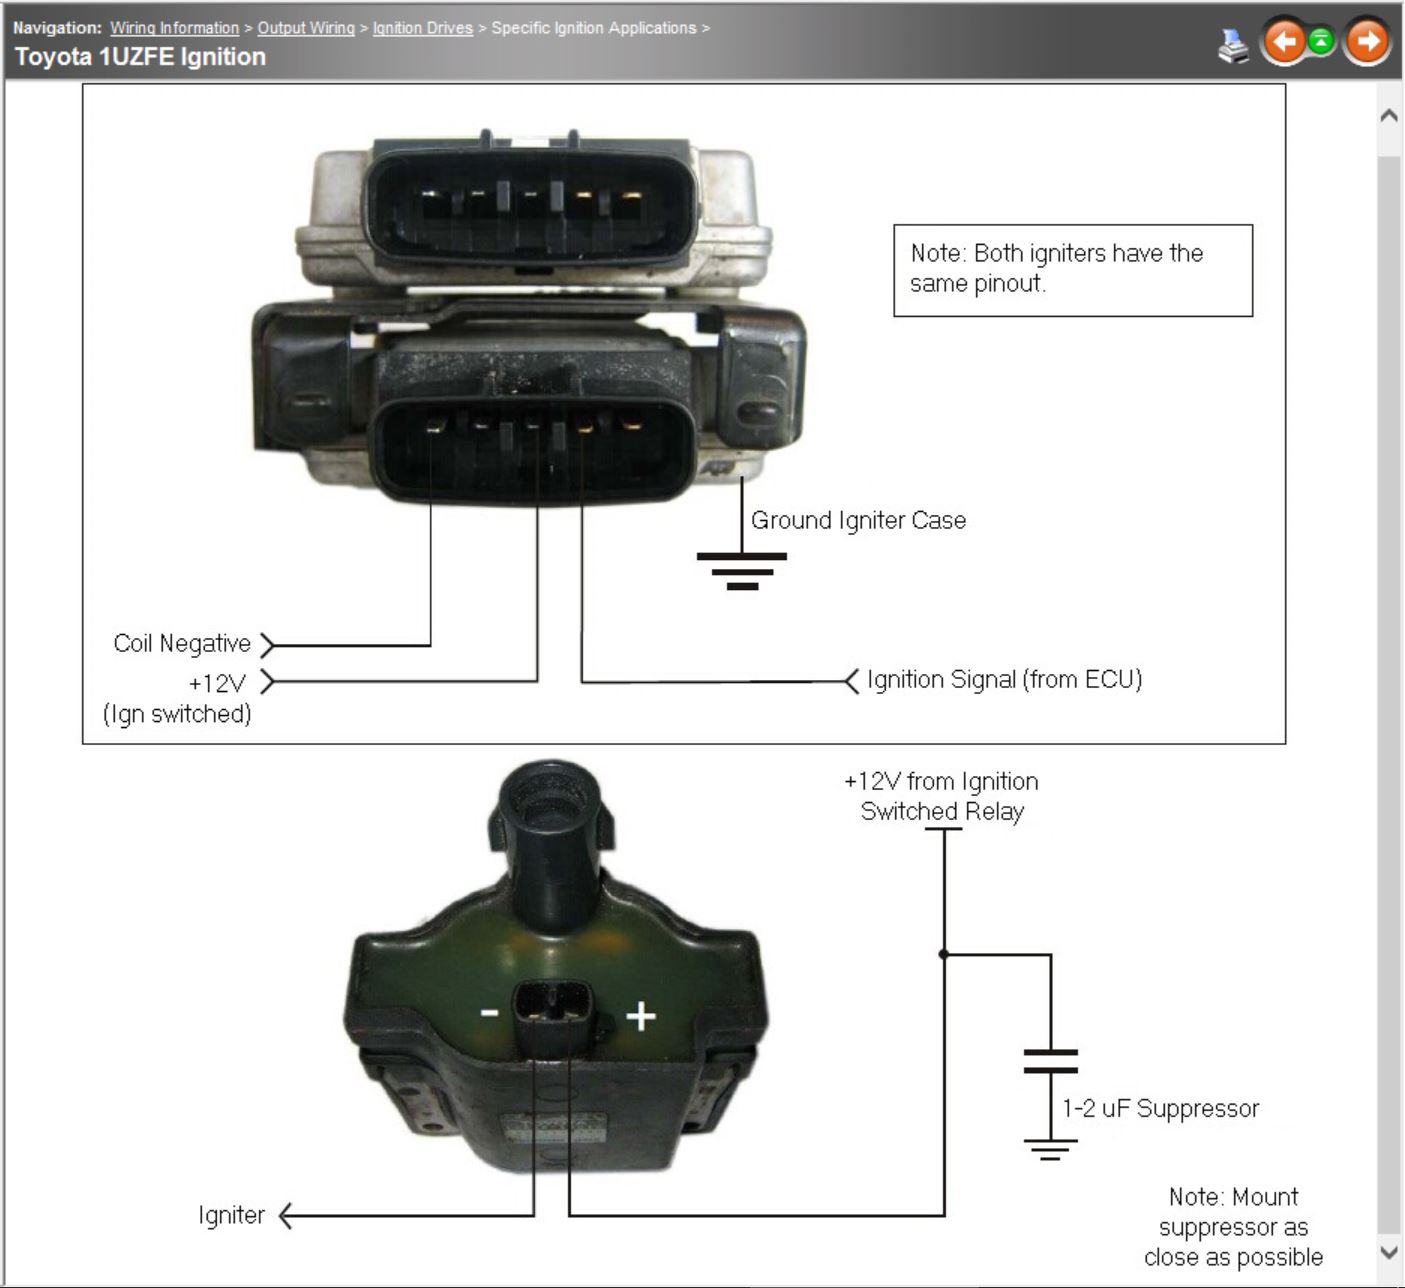 Lexus 1Uzfe Help - G4 - Link Engine Management - Toyota Igniter Wiring Diagram